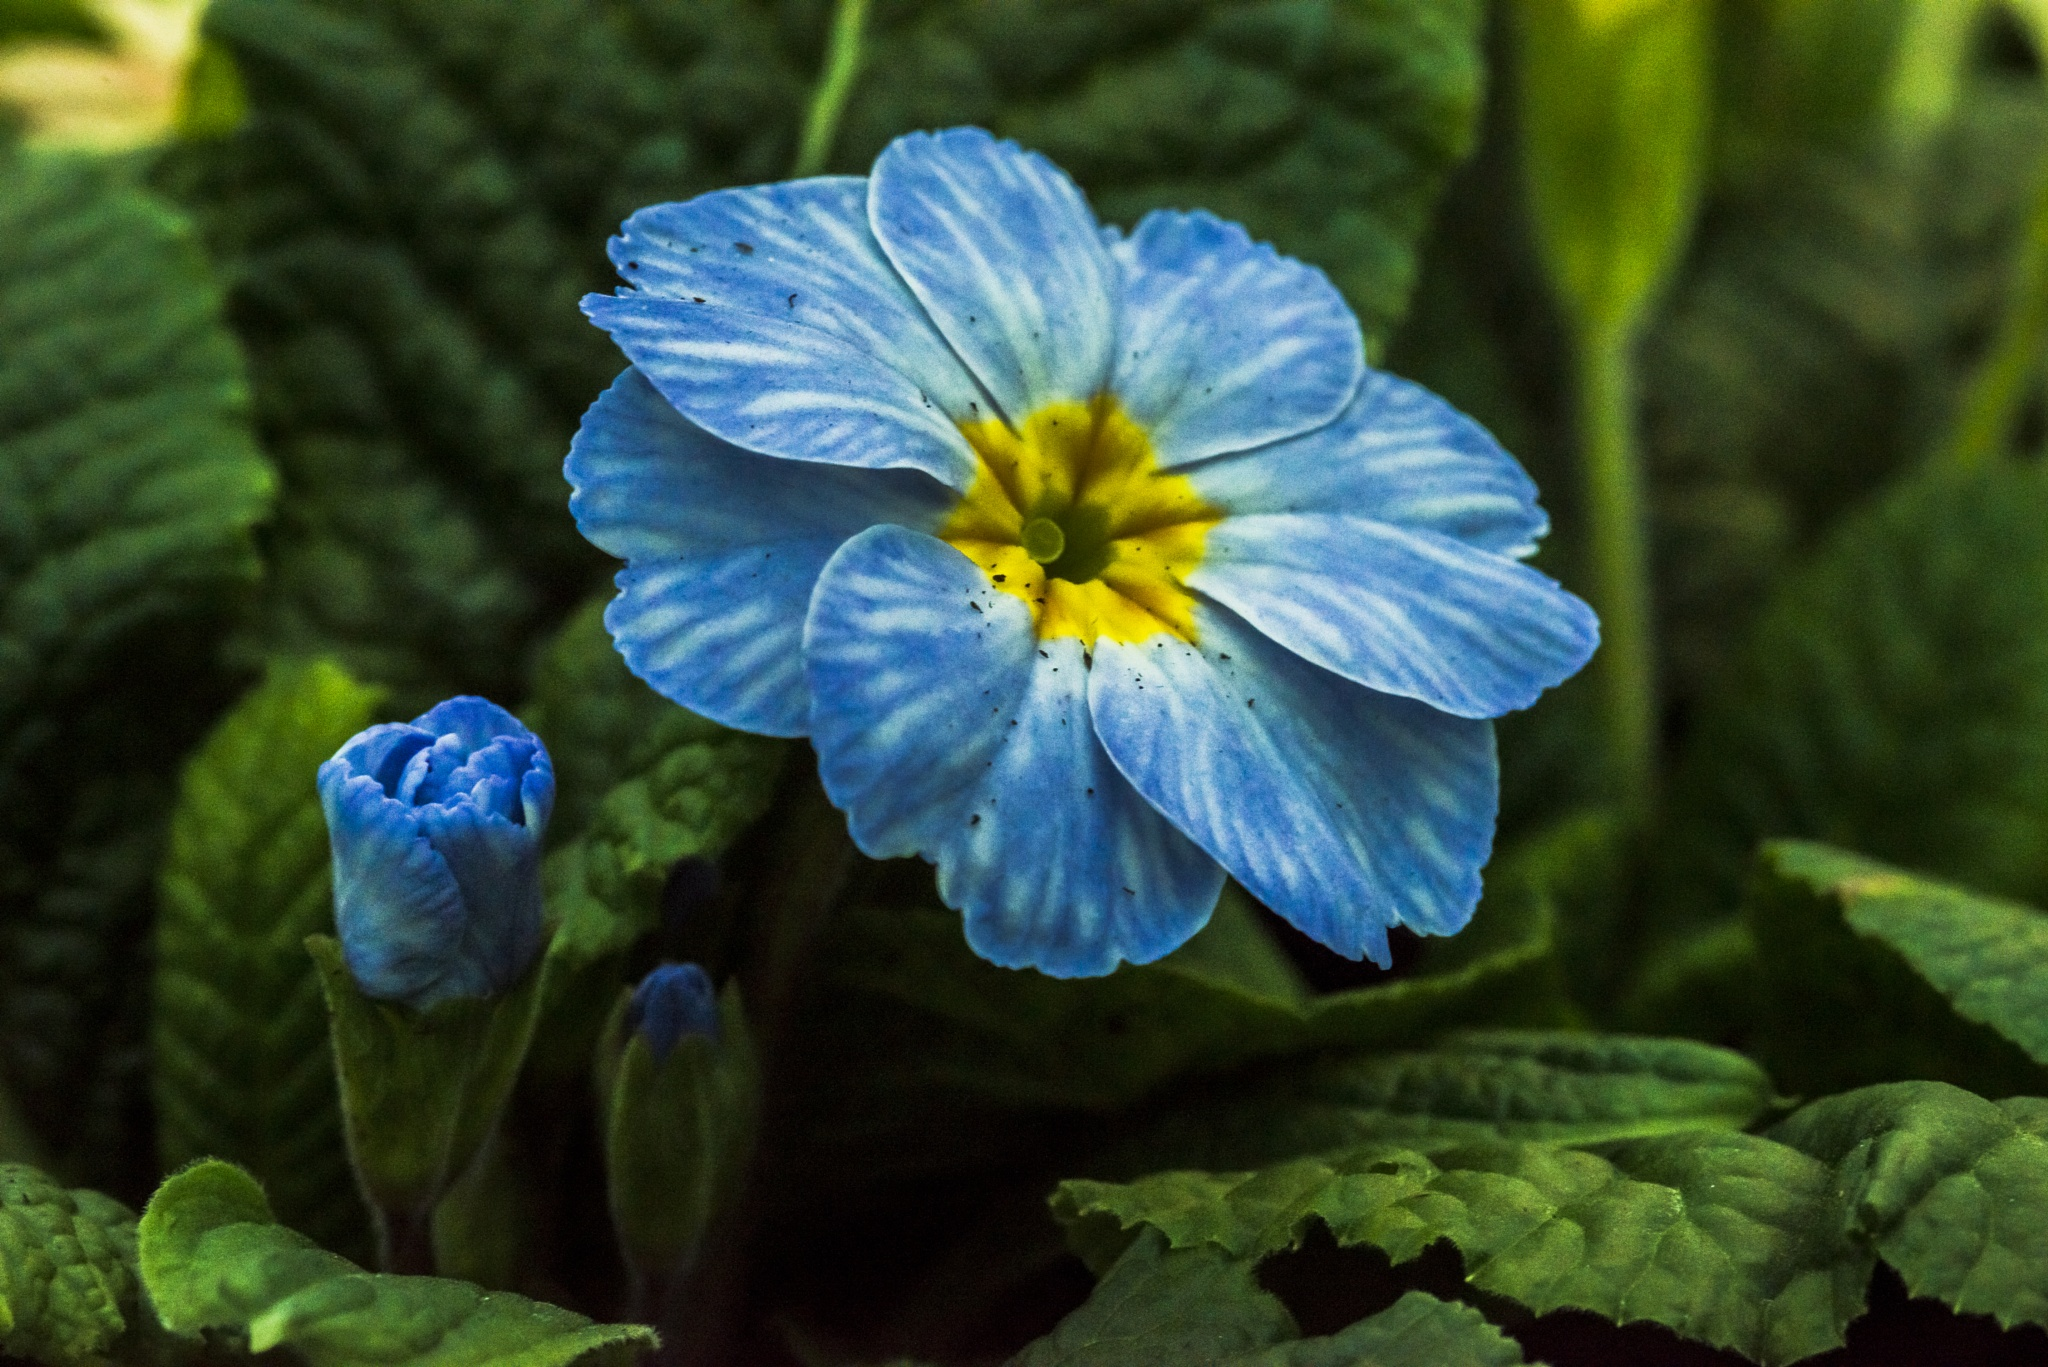 Blue Flower 2 by Pete Feeny